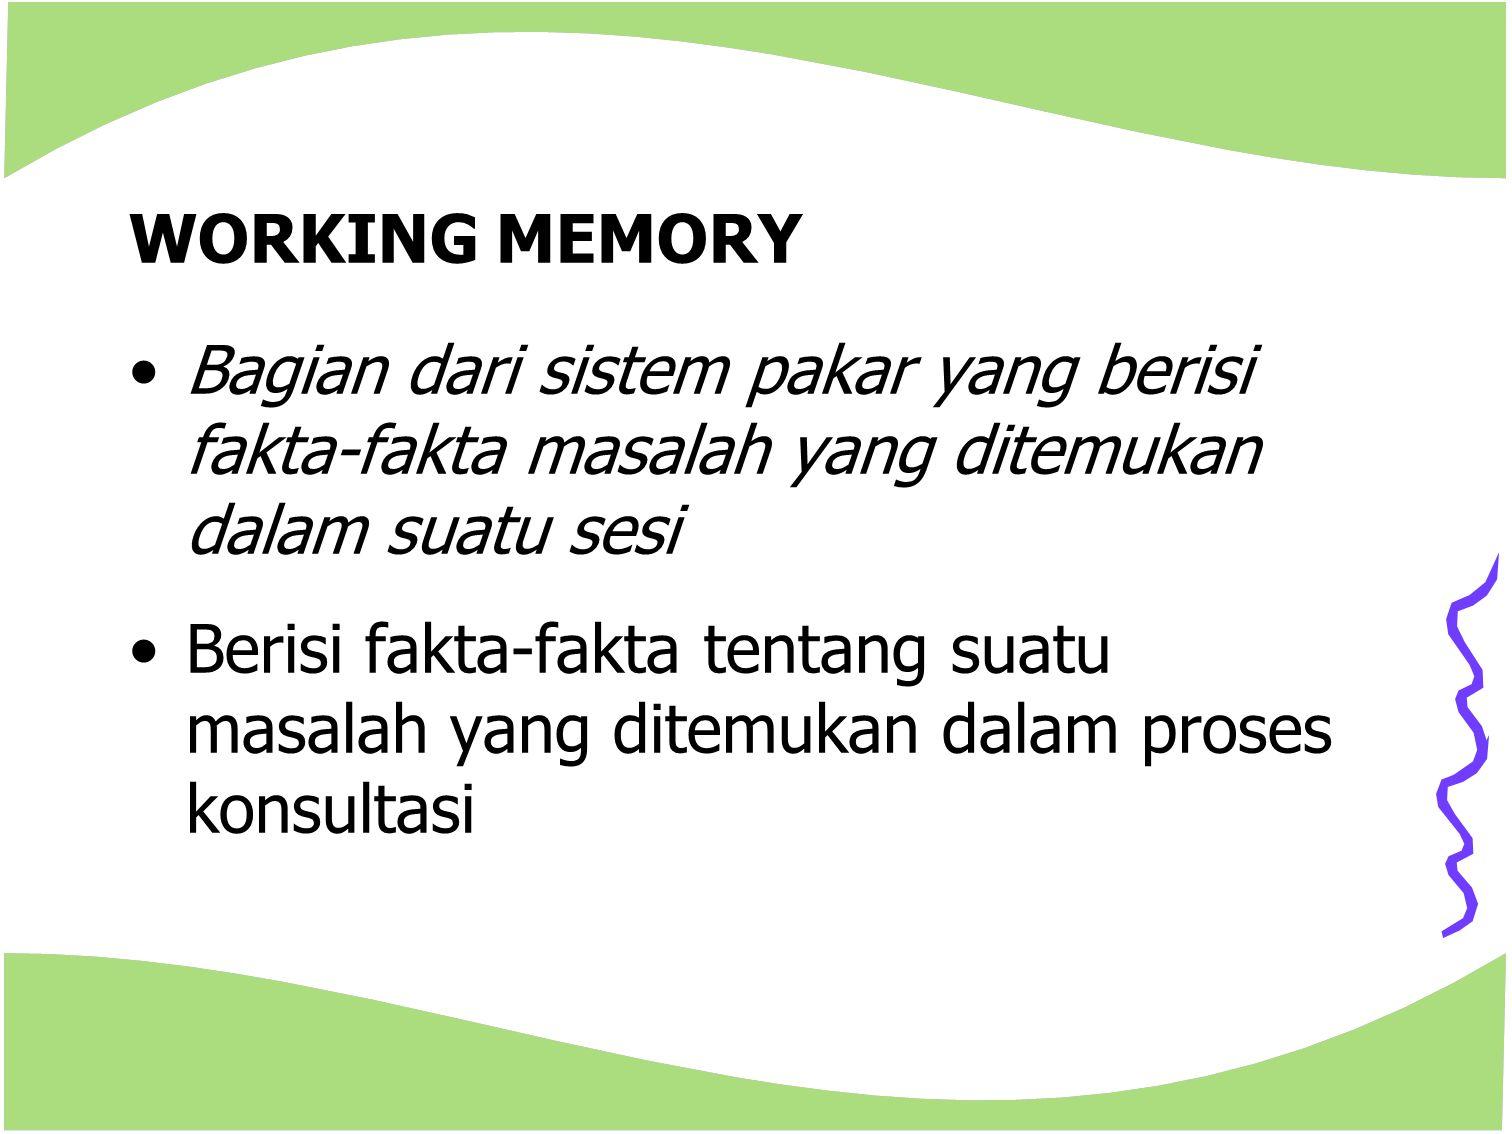 WORKING MEMORY Bagian dari sistem pakar yang berisi fakta-fakta masalah yang ditemukan dalam suatu sesi.